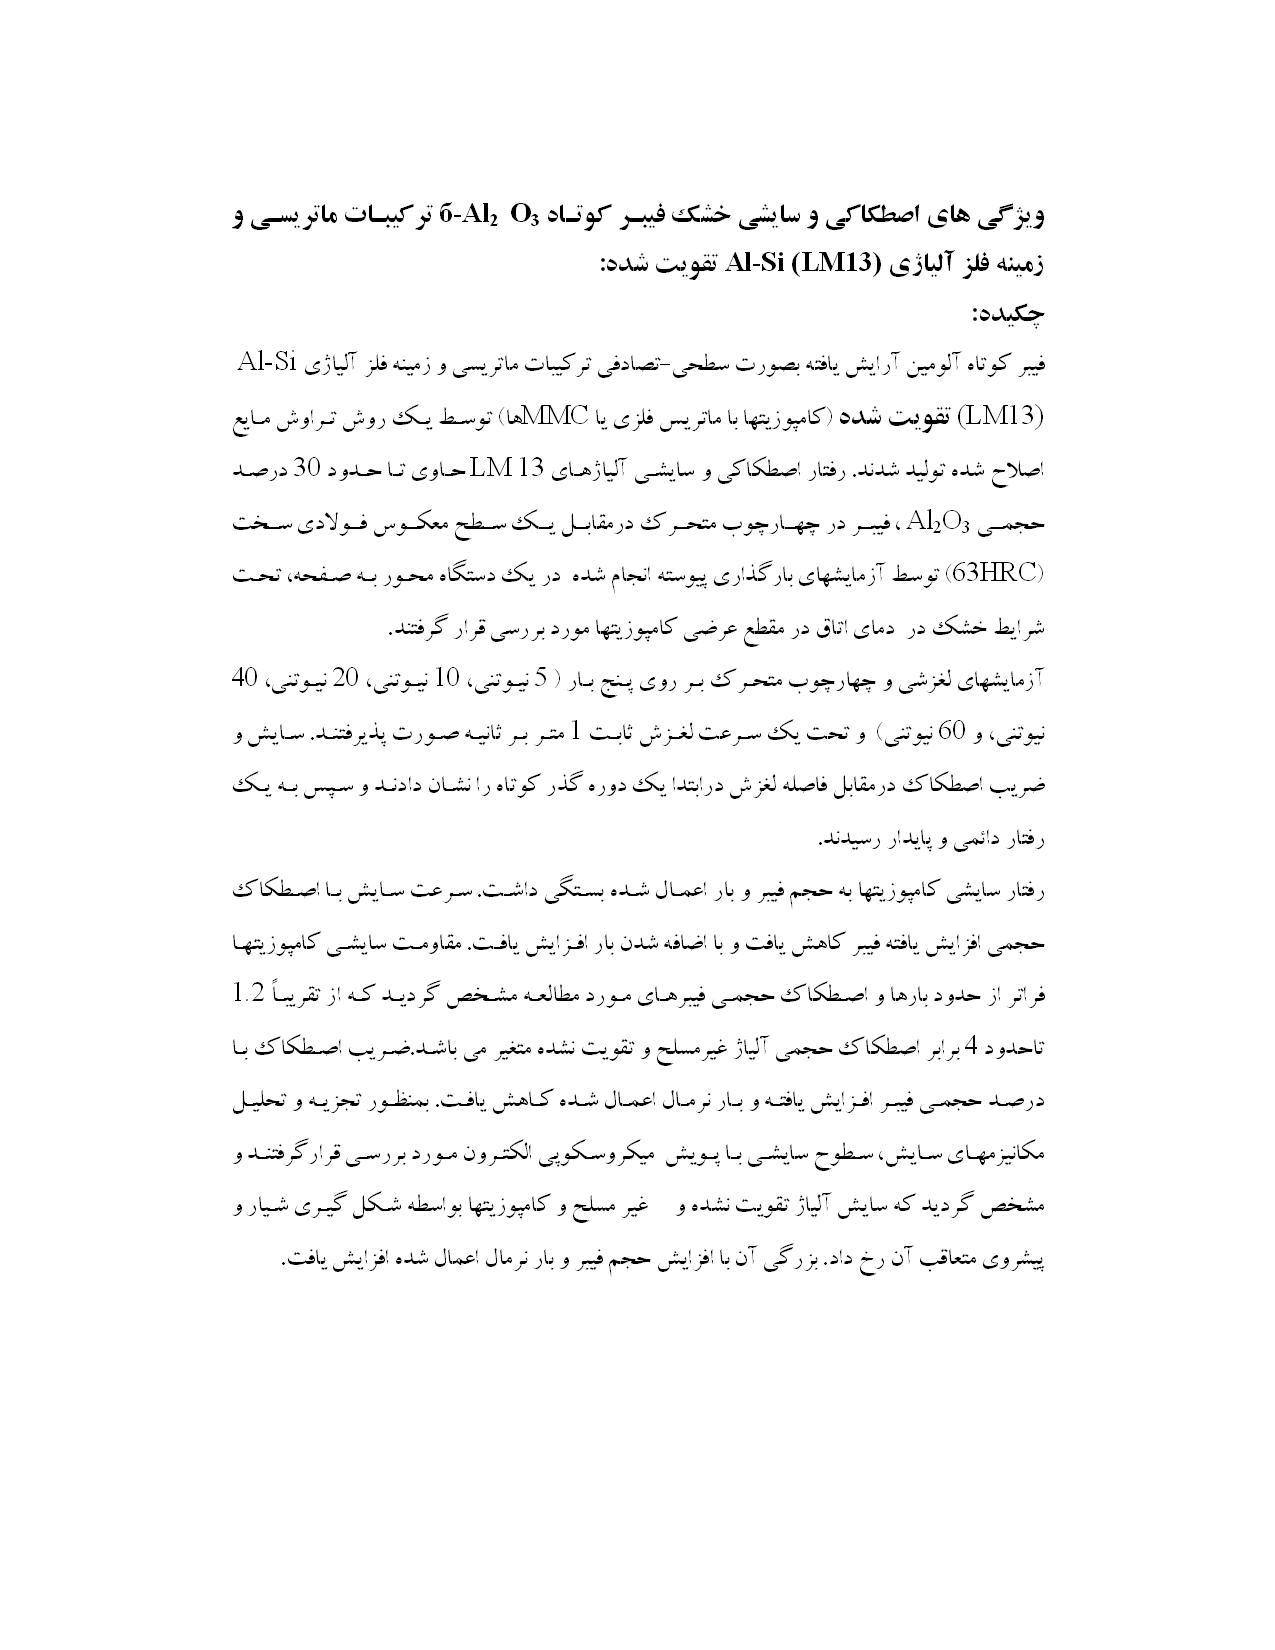 ترجمه مقاله و تحقیق - ویژگی های اصطکاکی و سایشی خشک فیبر کوتاه 27